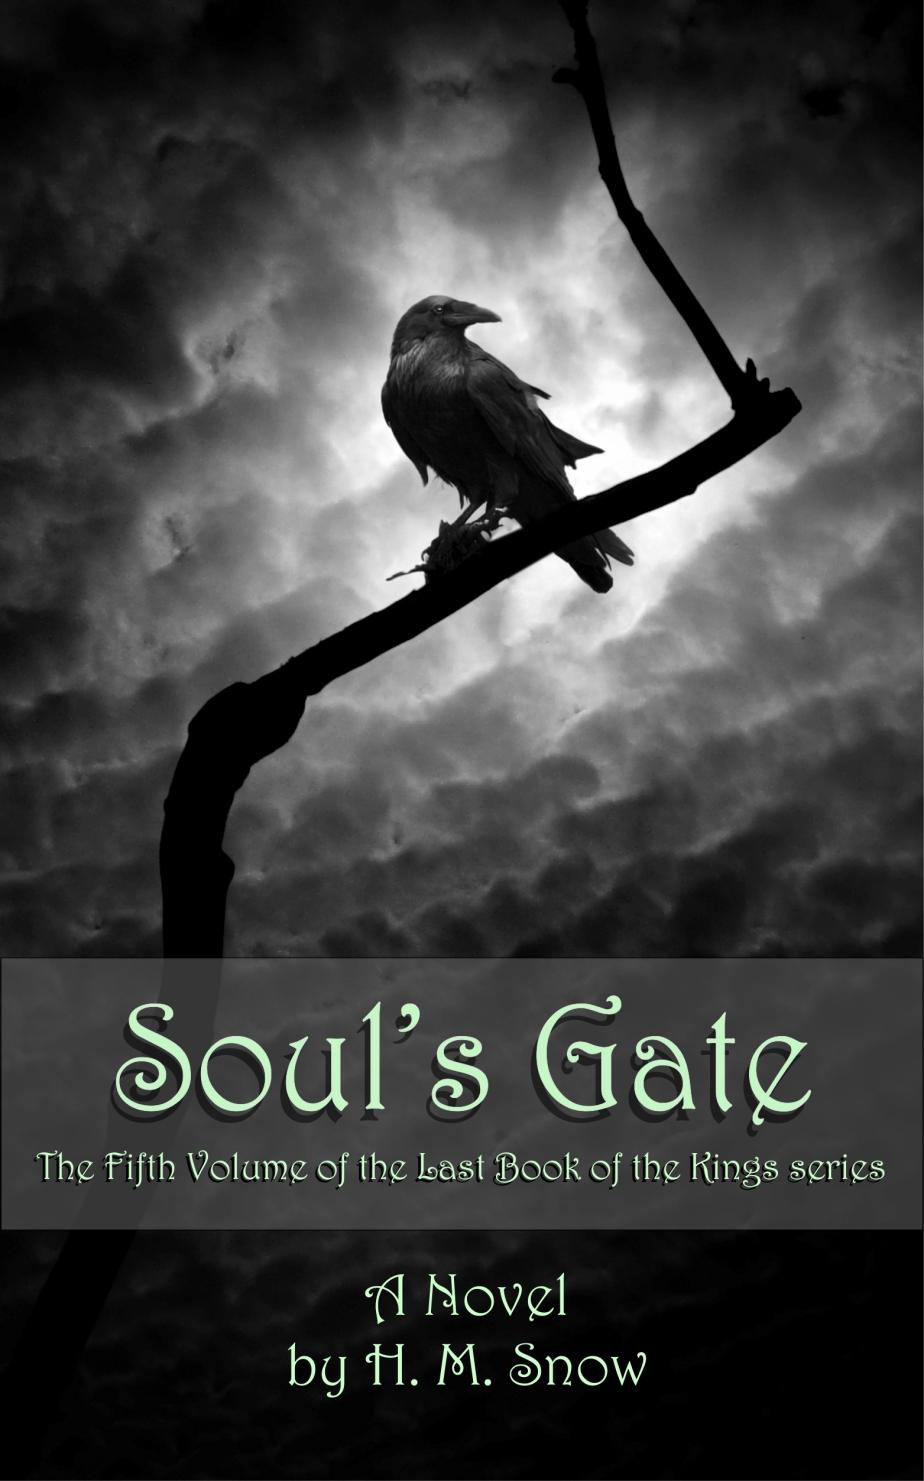 Soul's Gate cover art